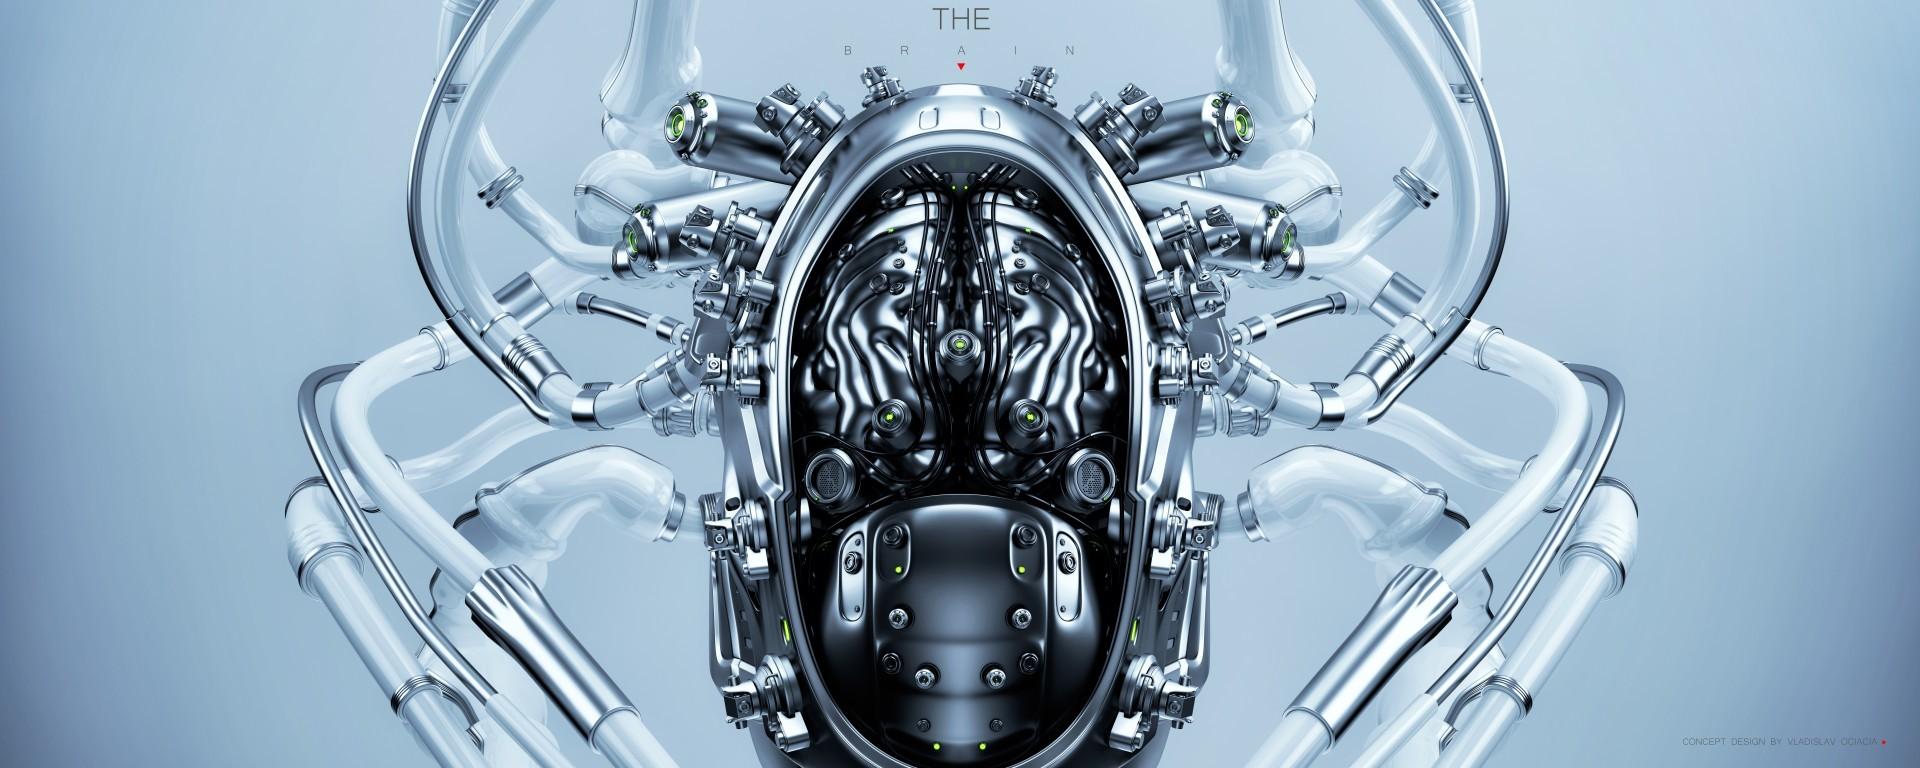 Vladislav ociacia robotic brain 3